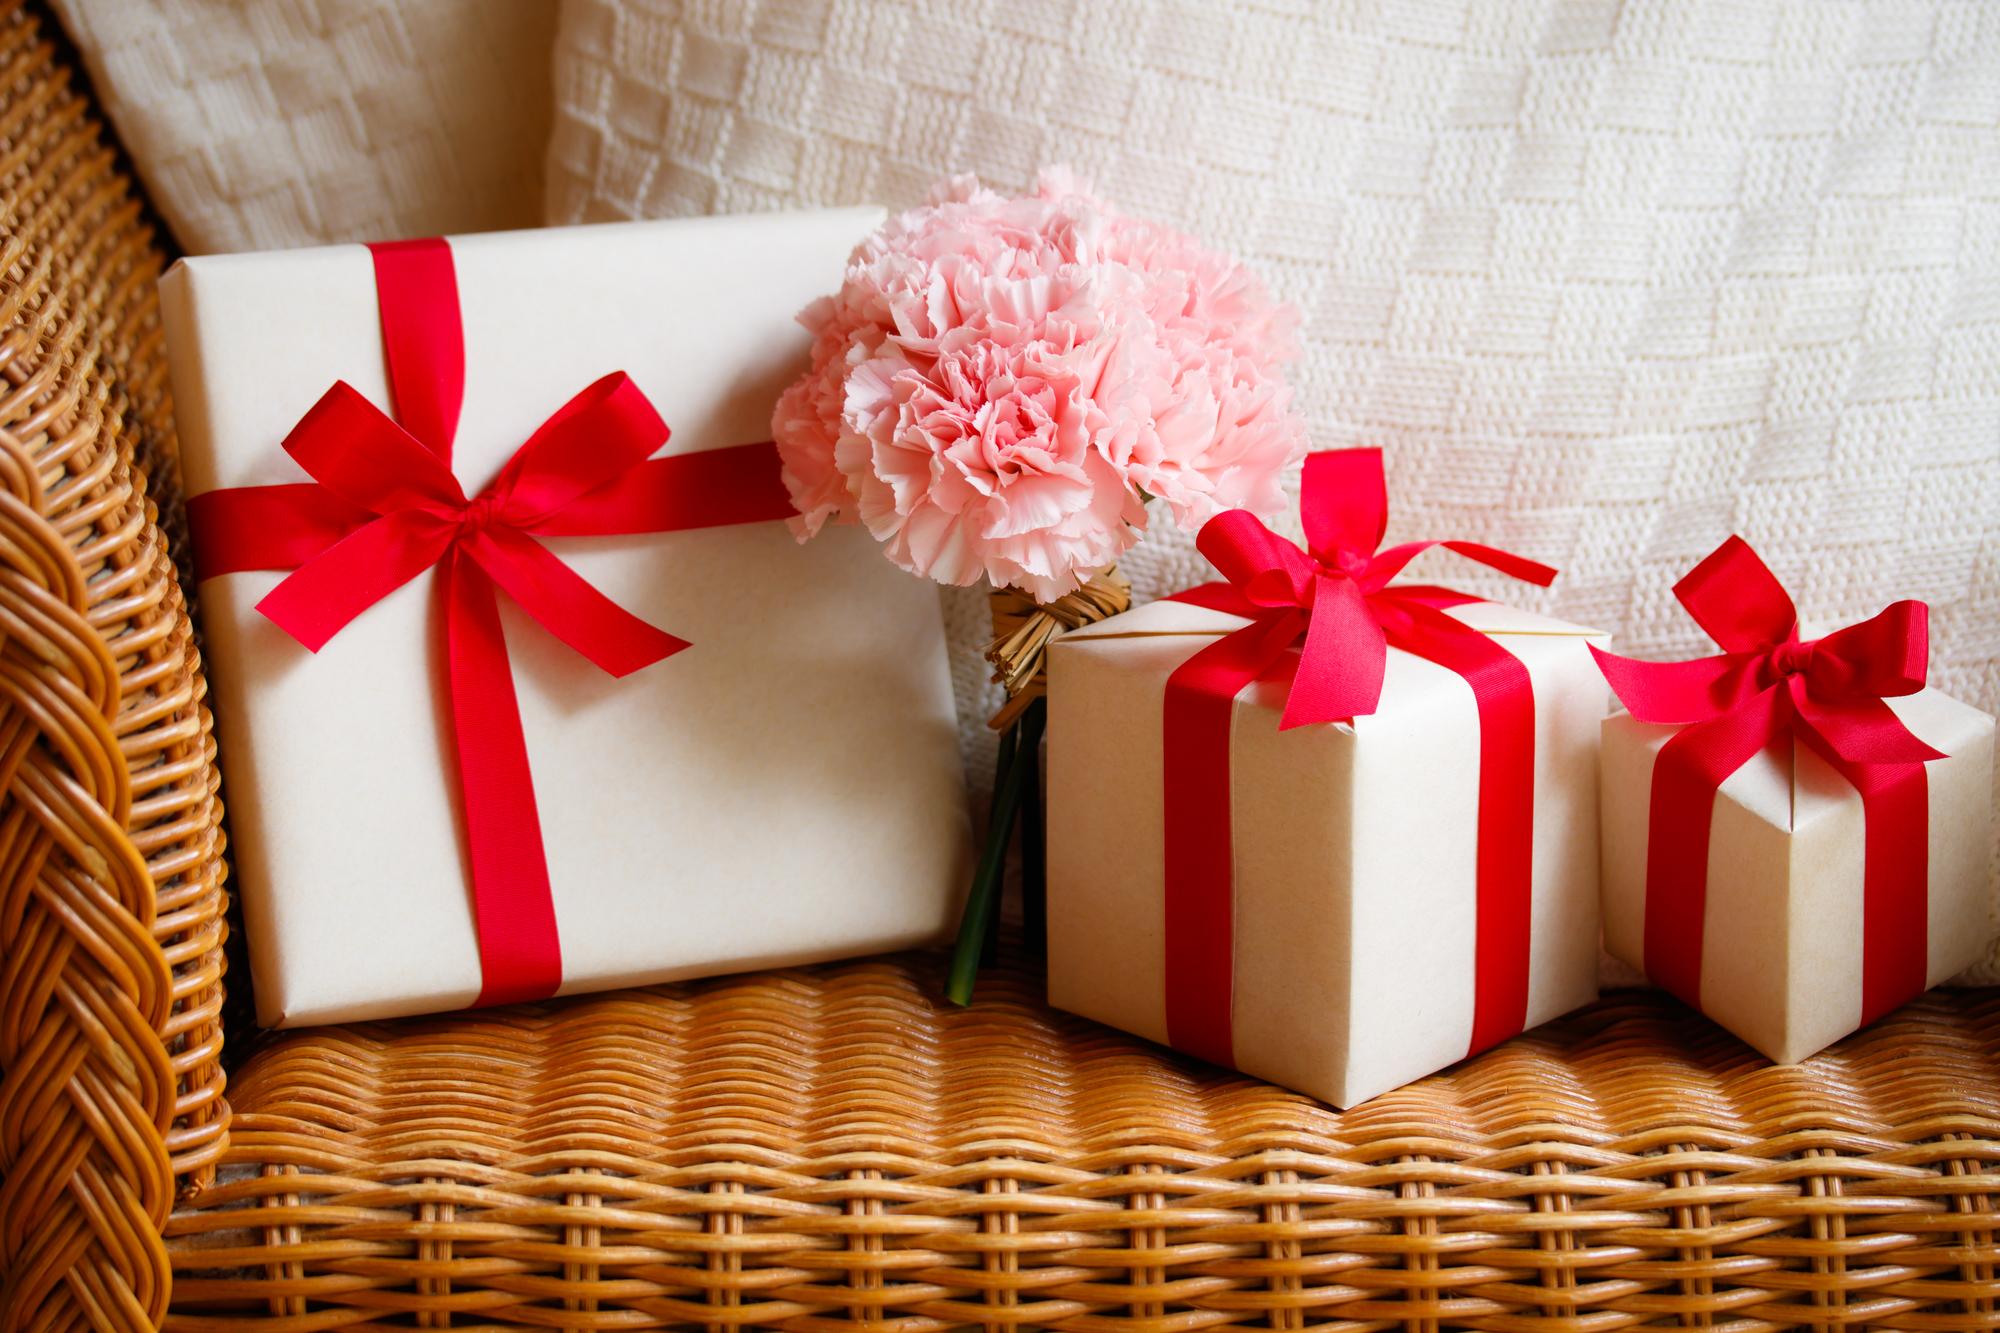 今年のイチオシ母の日プレゼントはズバリ、青いカーネーション!